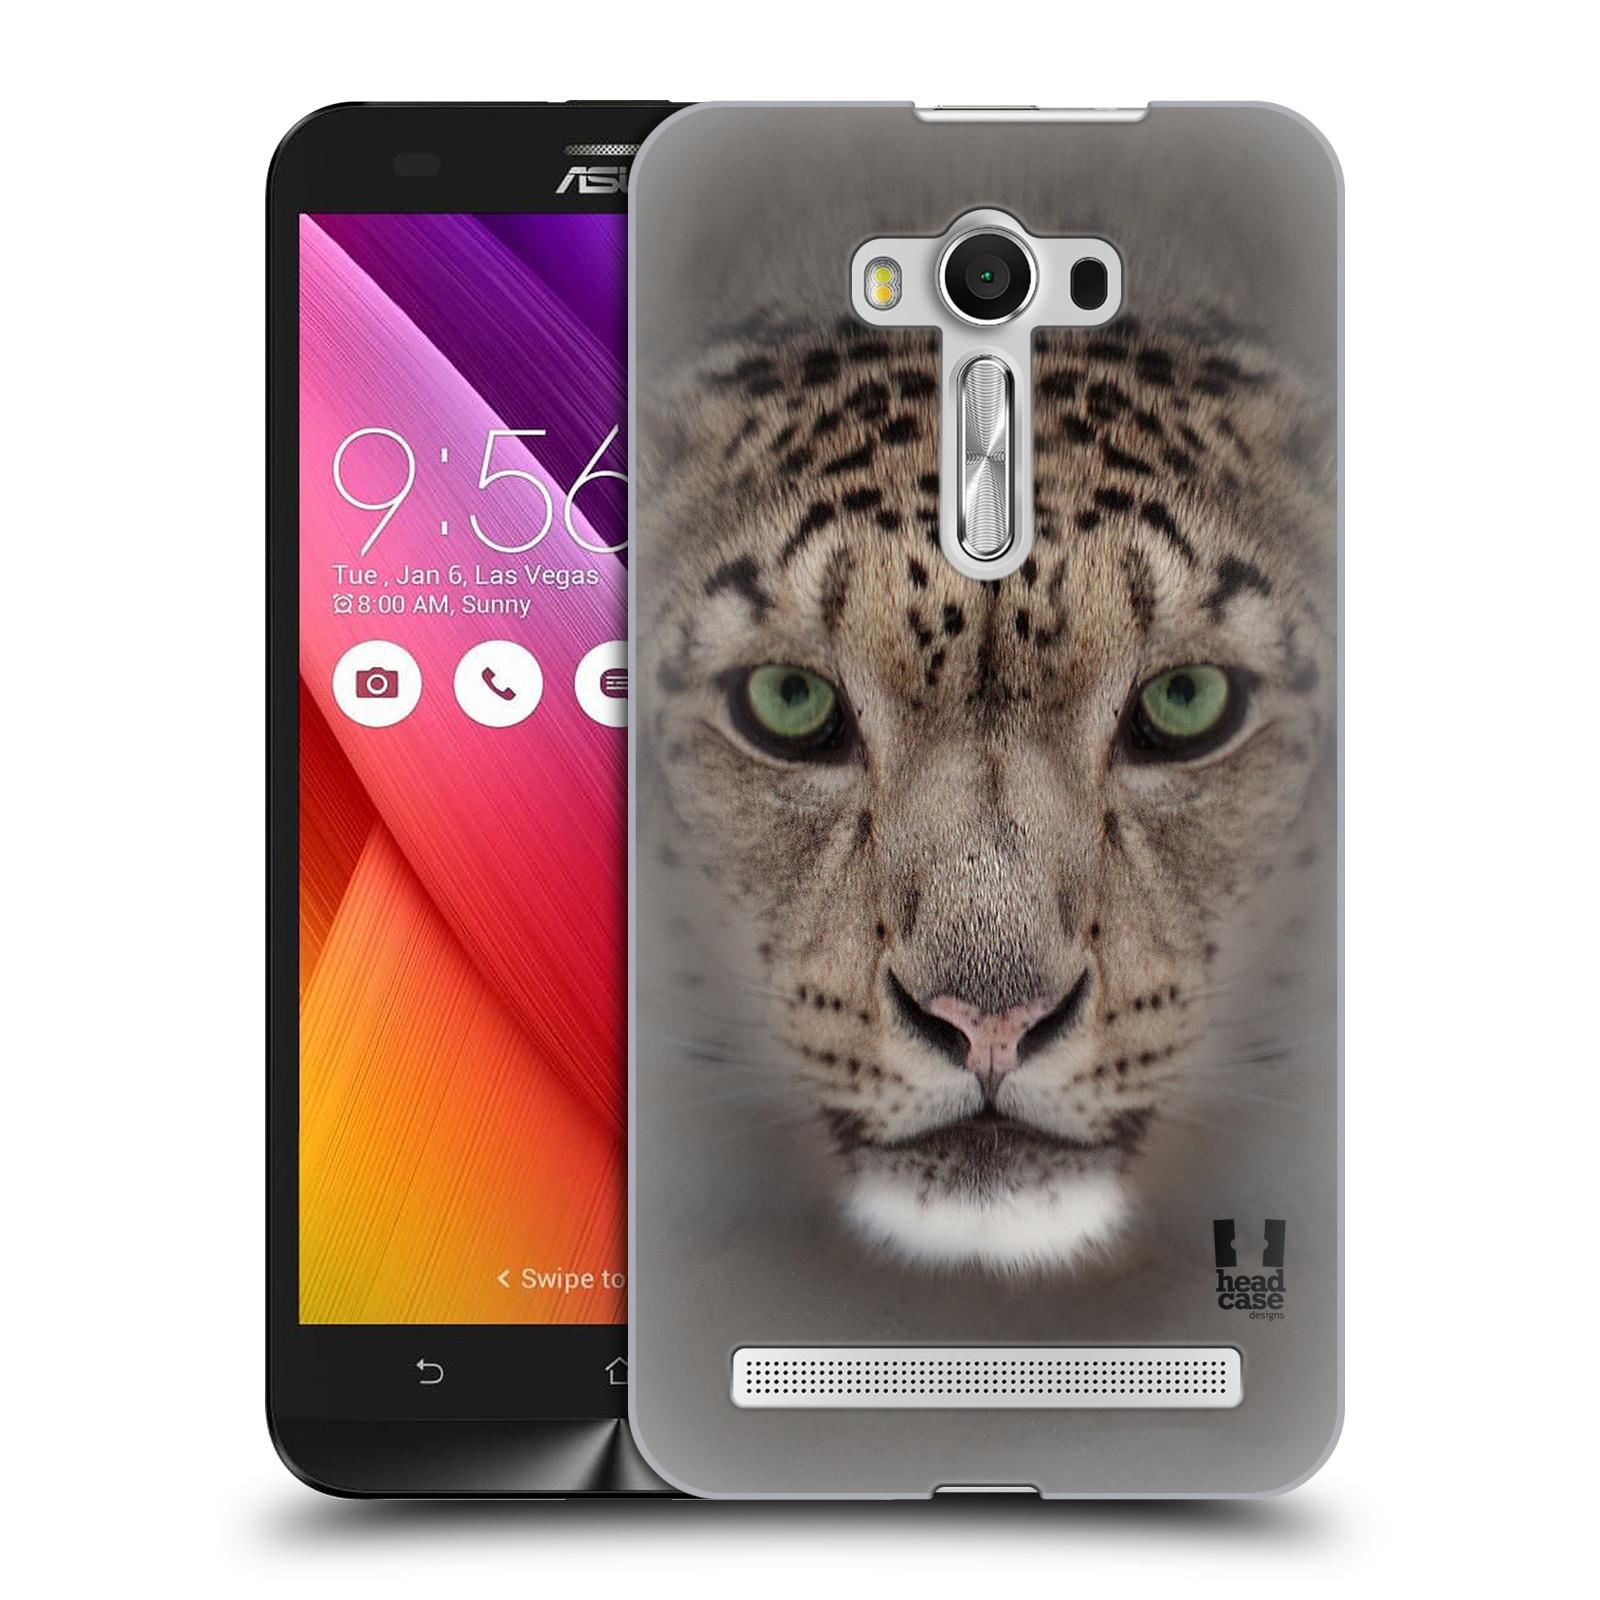 HEAD CASE plastový obal na mobil Asus Zenfone 2 LASER (5,5 displej ZE550KL) vzor Zvířecí tváře 2 sněžný leopard